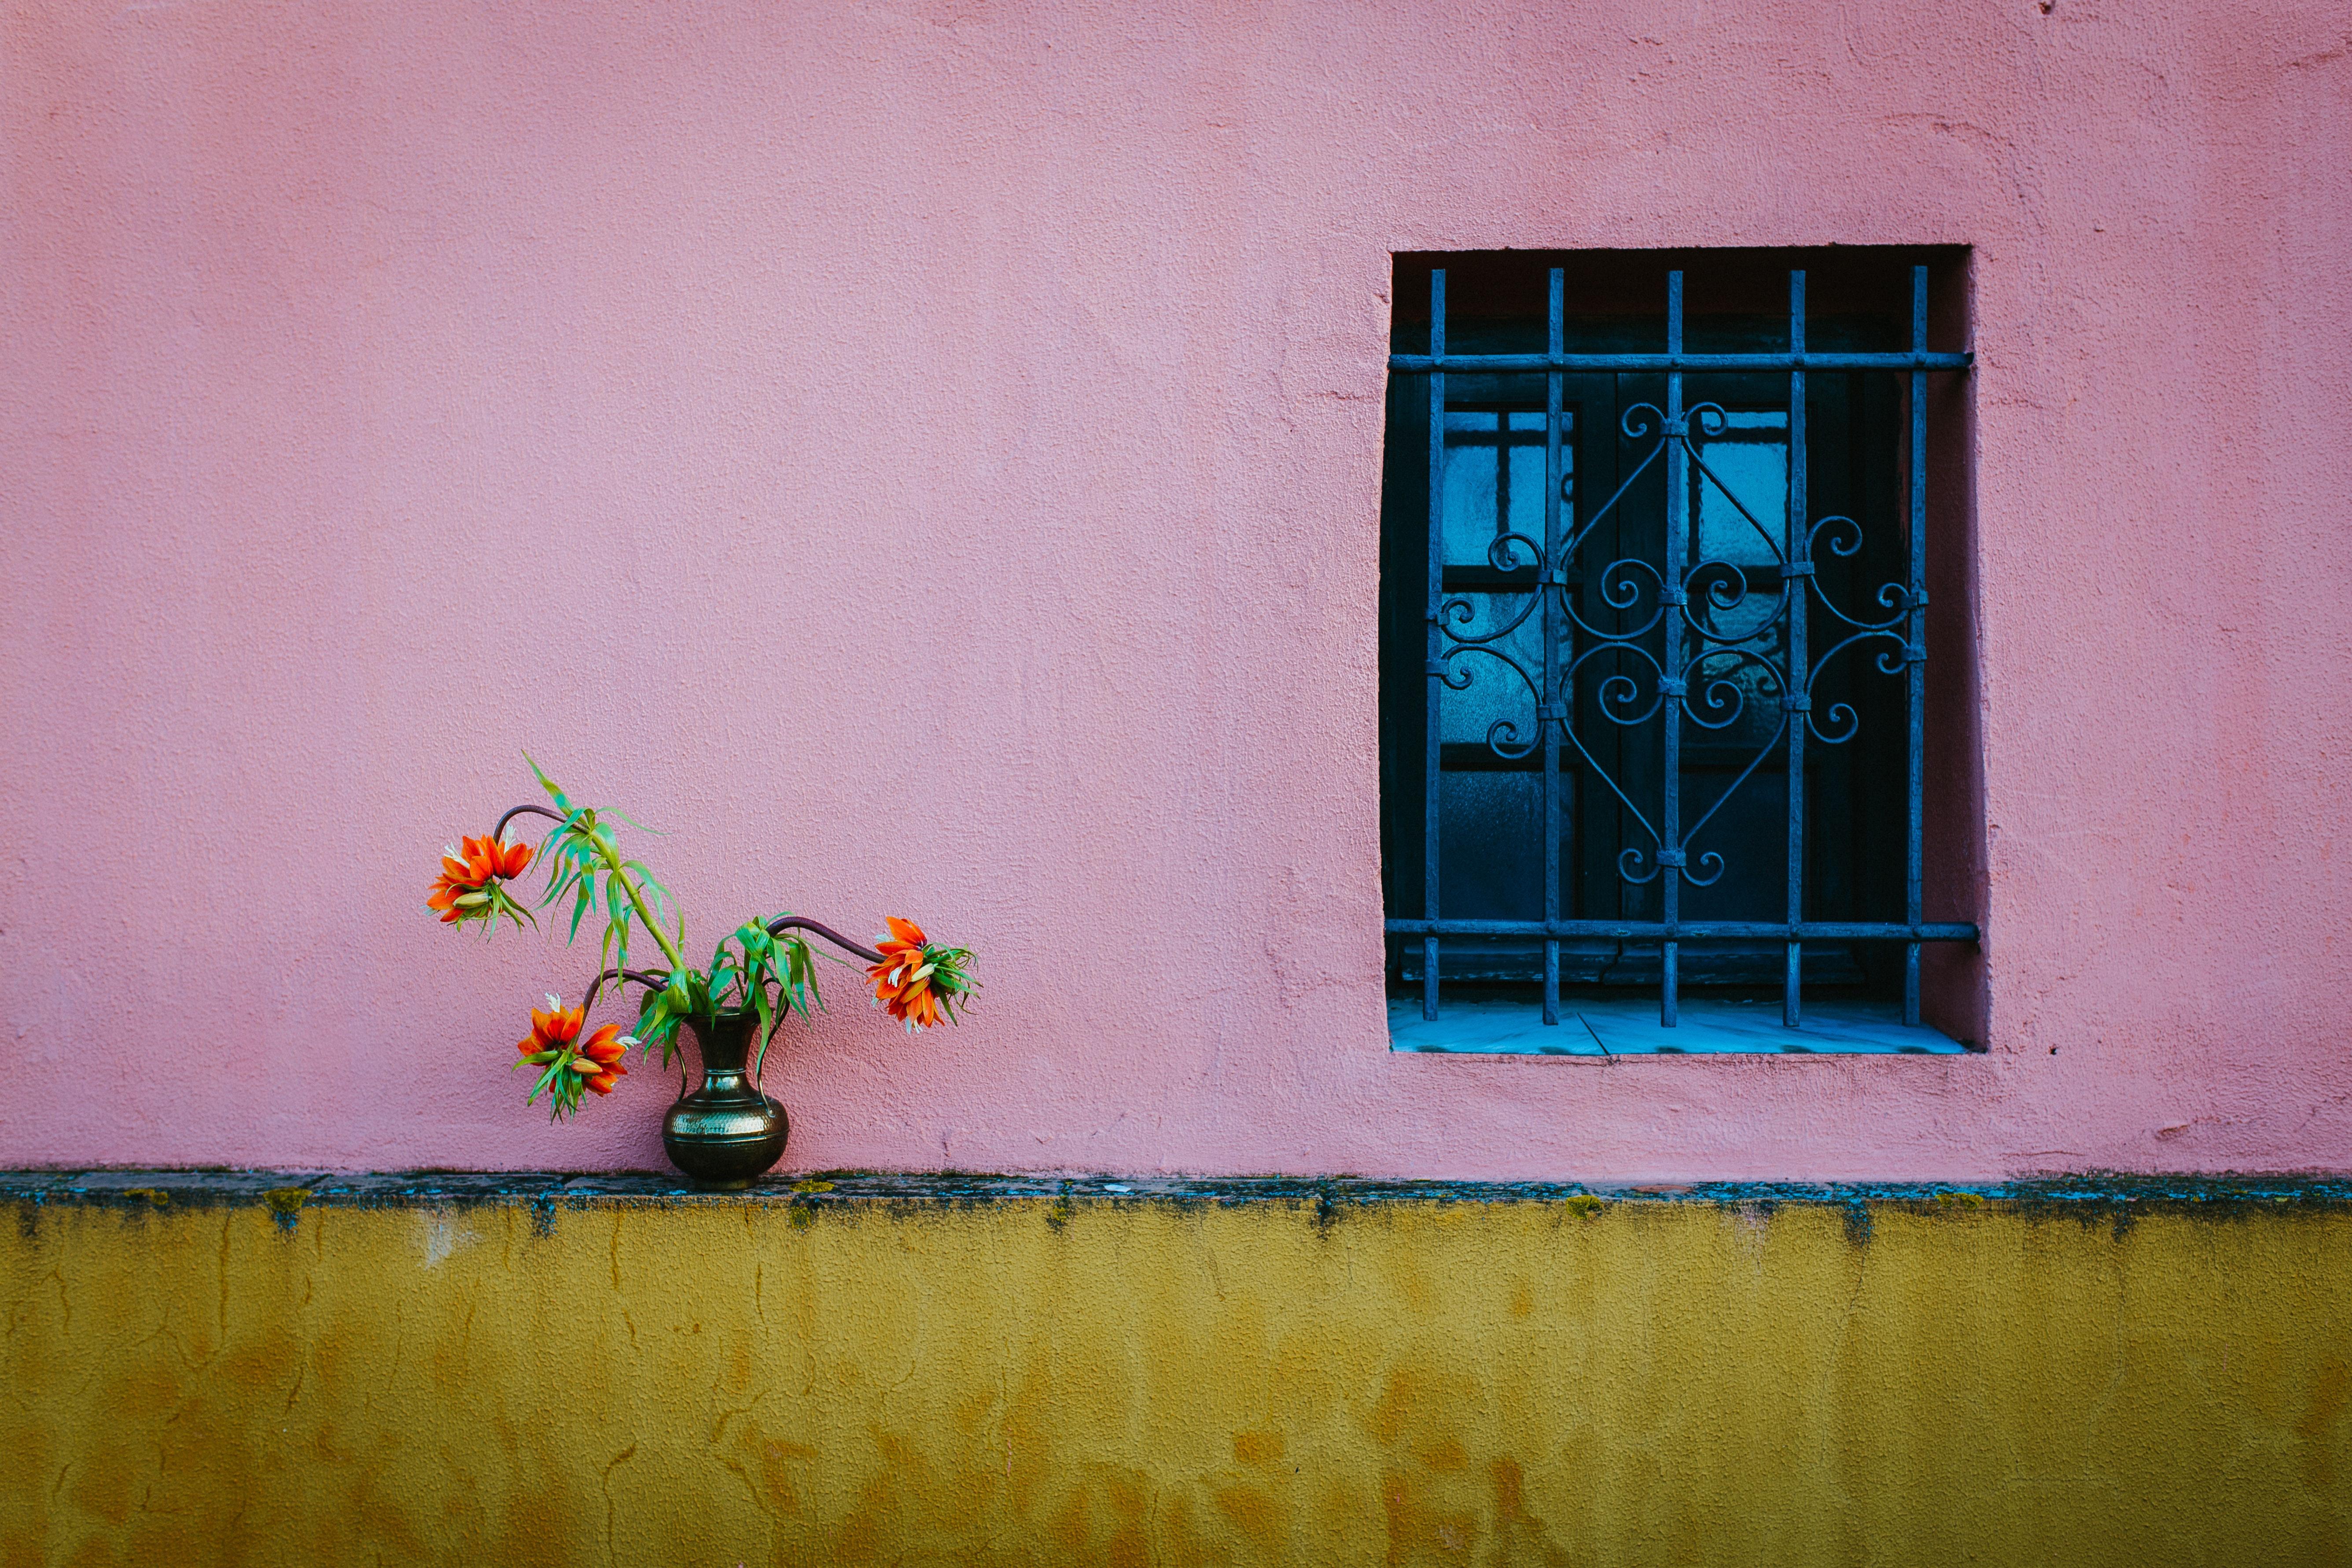 Blue steel window frame photo